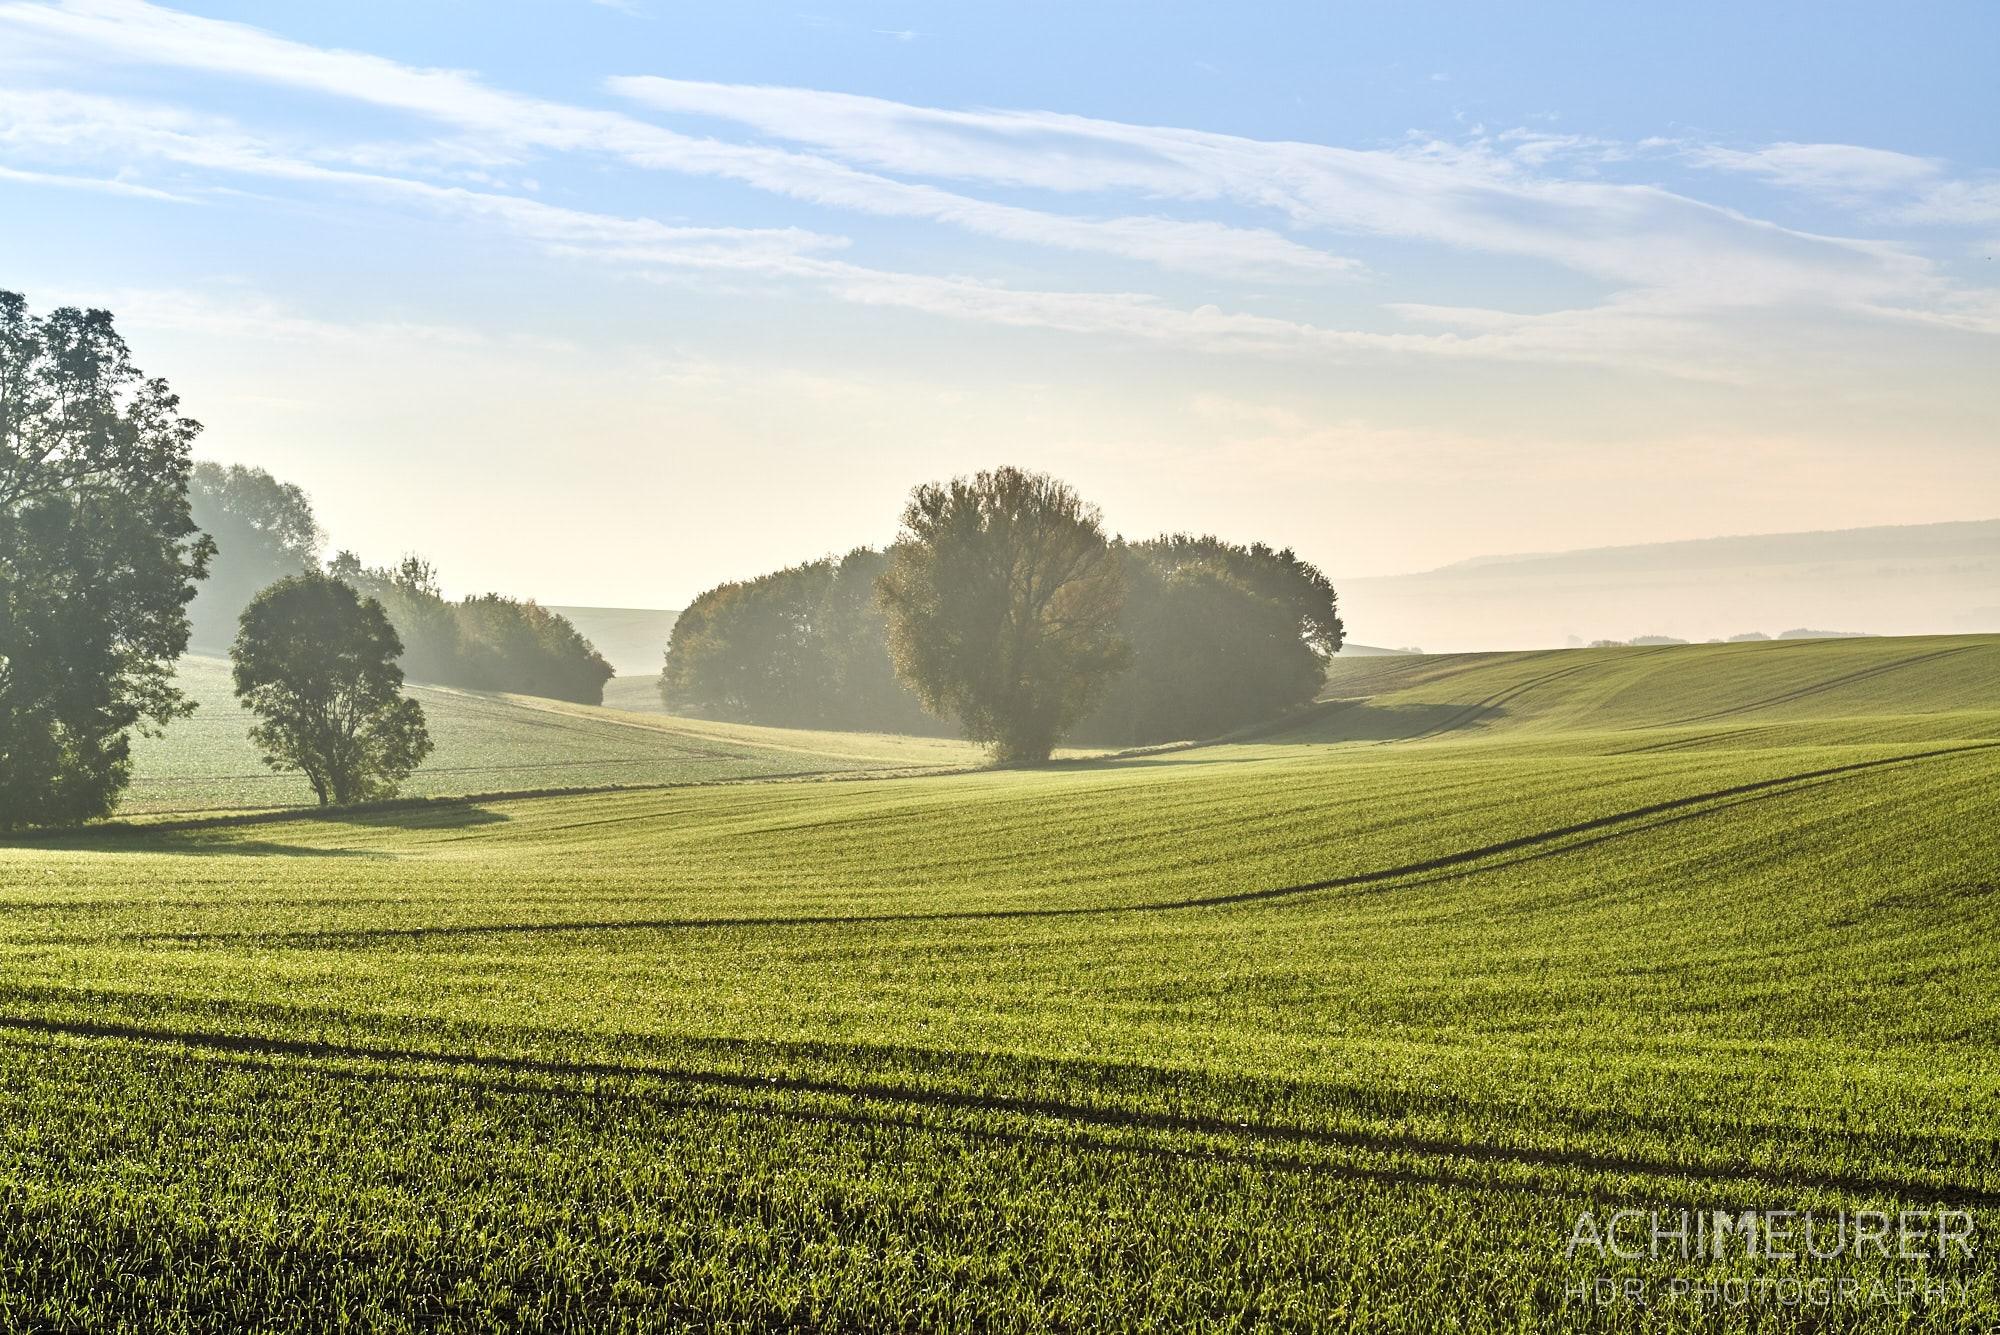 Landschaft im Morgennebel - Nördliches Harzvorland - #nHavo